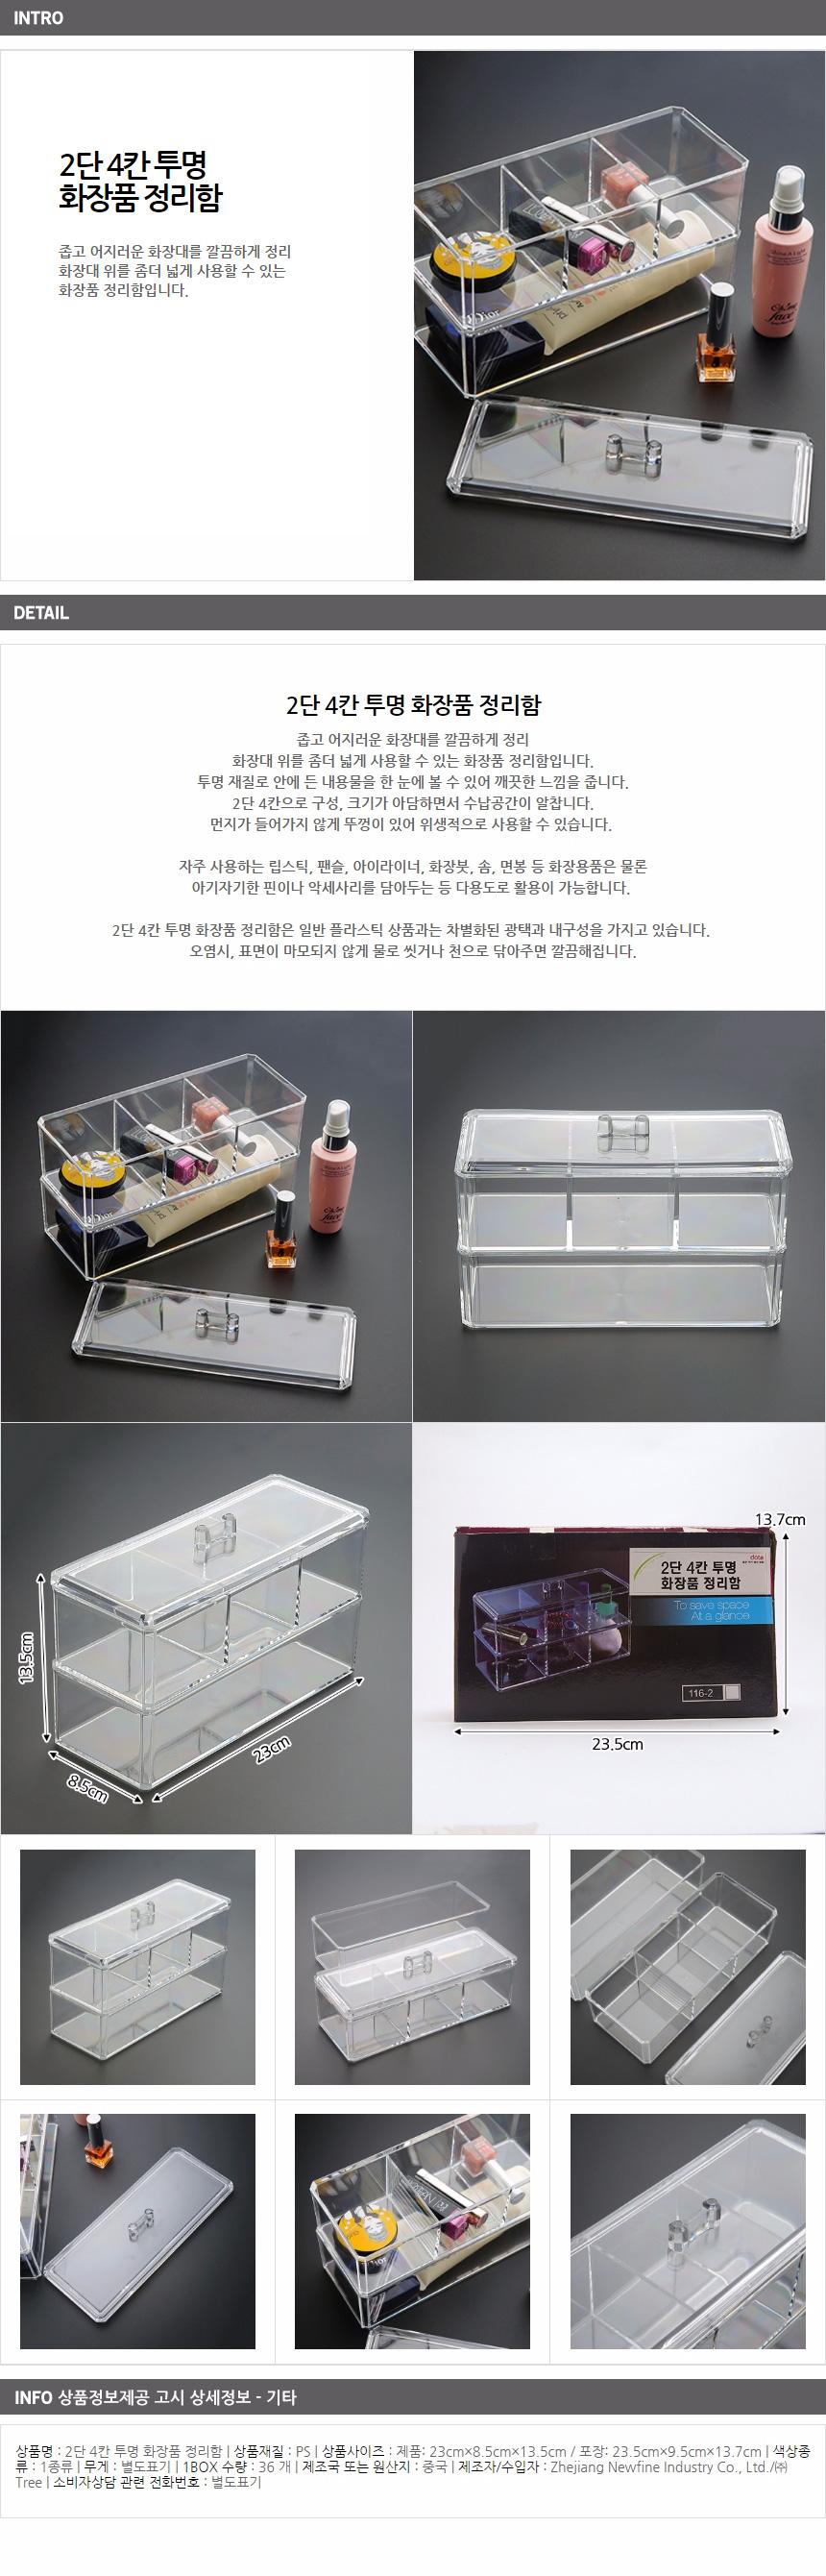 모던홈즈 메이크업 정리함 화장품 정리대 - 기프트갓, 9,860원, 정리함, 화장품정리함